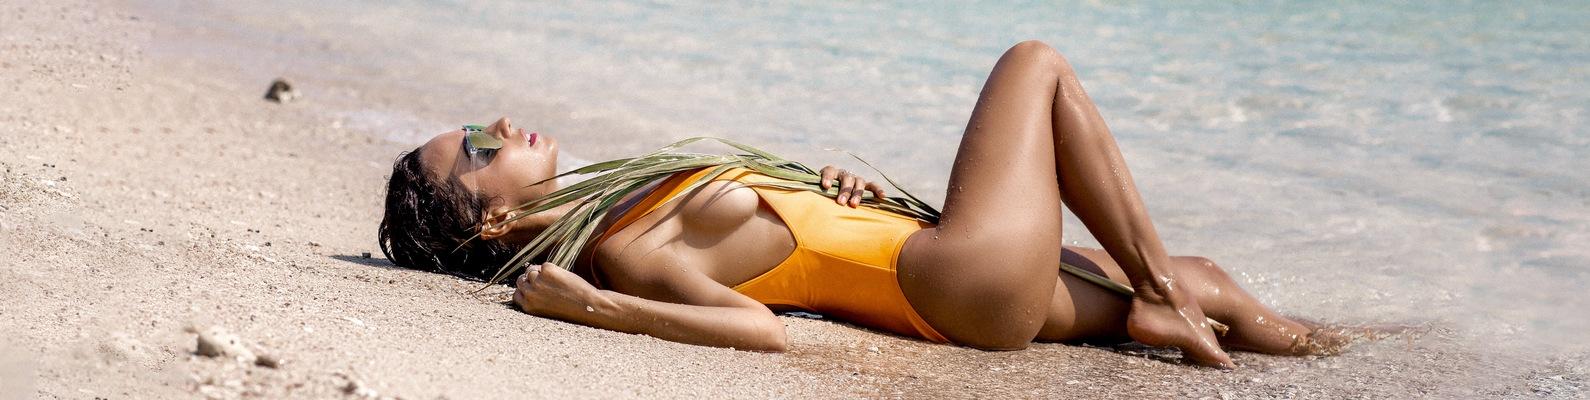 Сочно фанаты оценили пляжную фотосессию славы учились одном